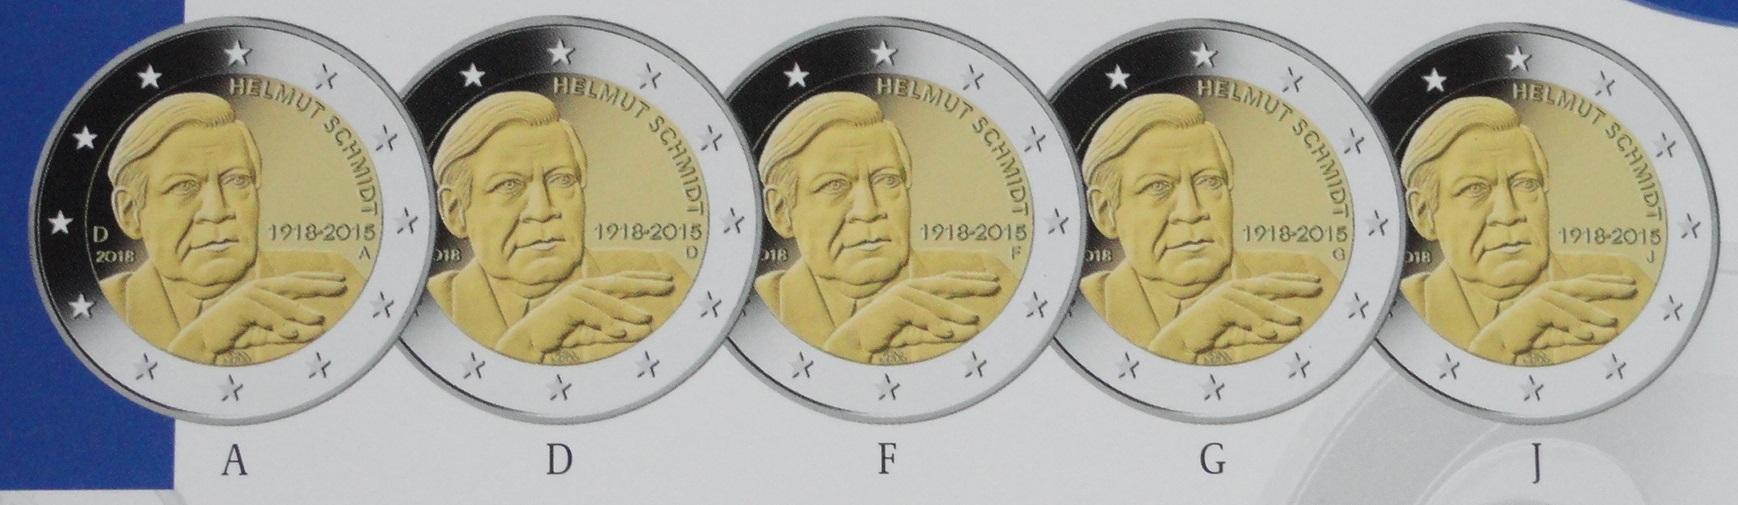 2 Euro Münzen Helmut Schmidt Adfgj Blister Beko Münzhandel